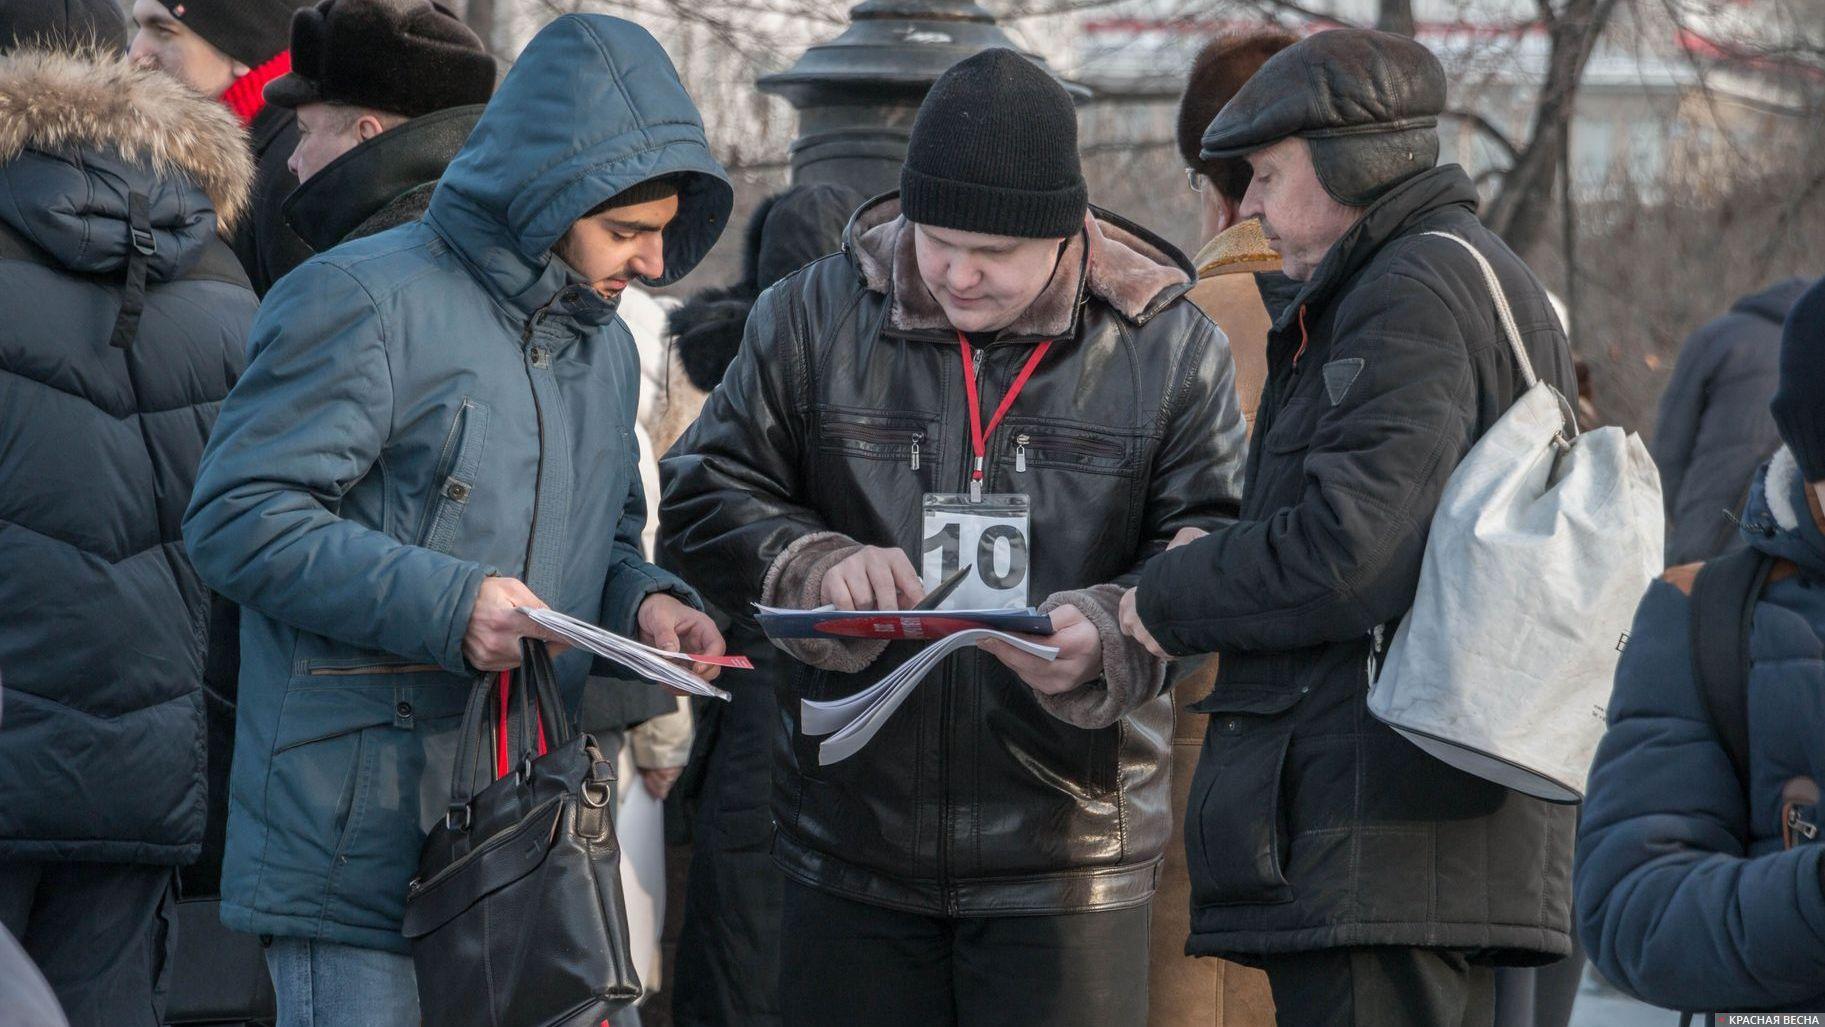 В Российской Федерации 24декабря запланированы собрания вподдержку оппозиционера Навального